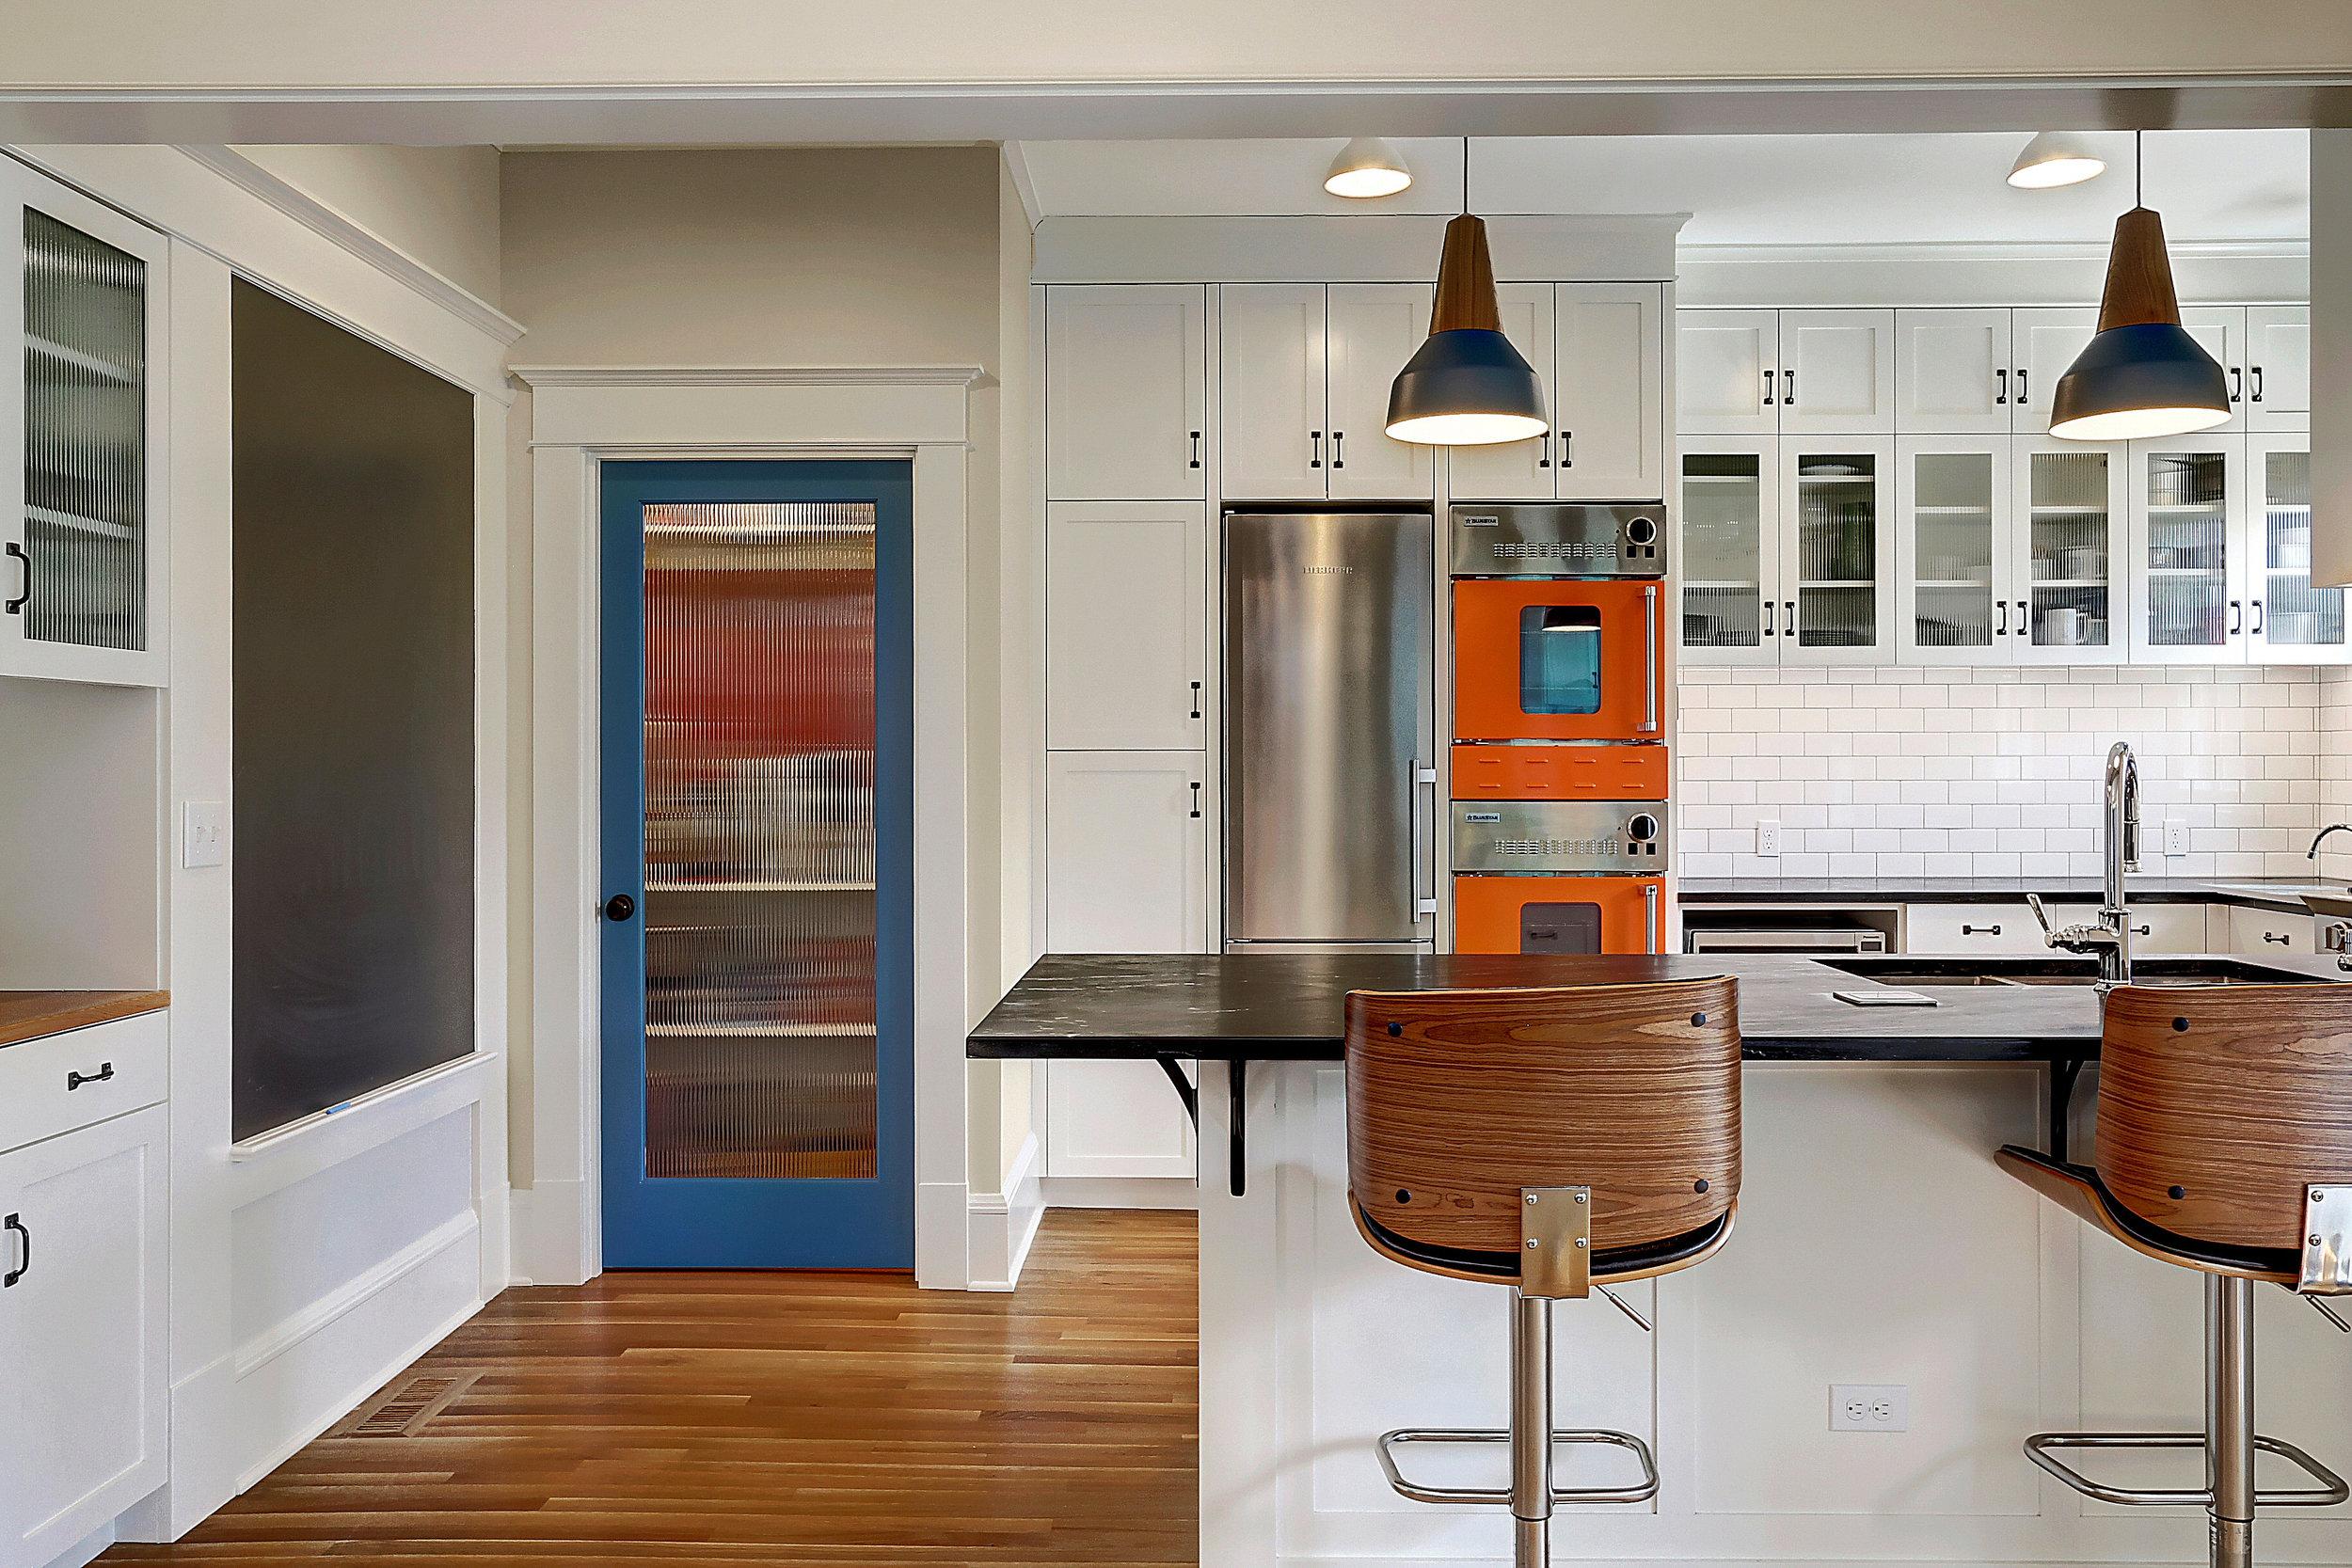 cap hill kitchen_03.jpg